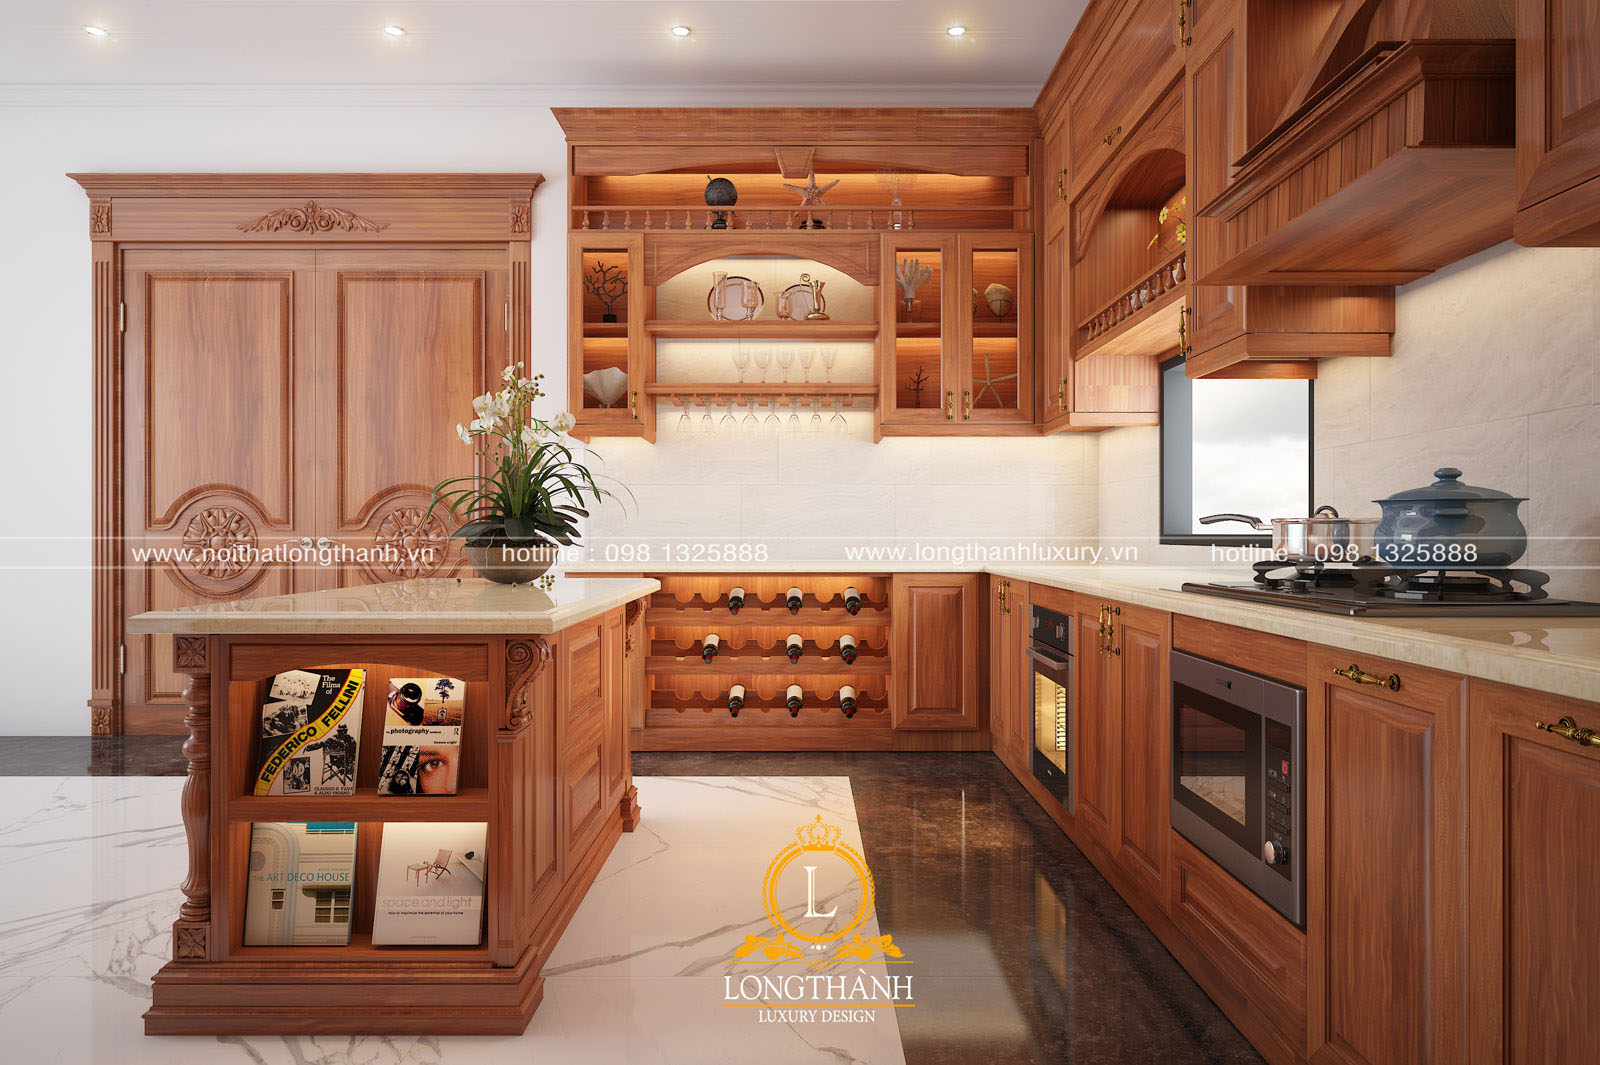 Mẫu thiết kế tủ bếp gỗ tự nhiên đẹp mã số LT 53 góc nhìn thứ 3